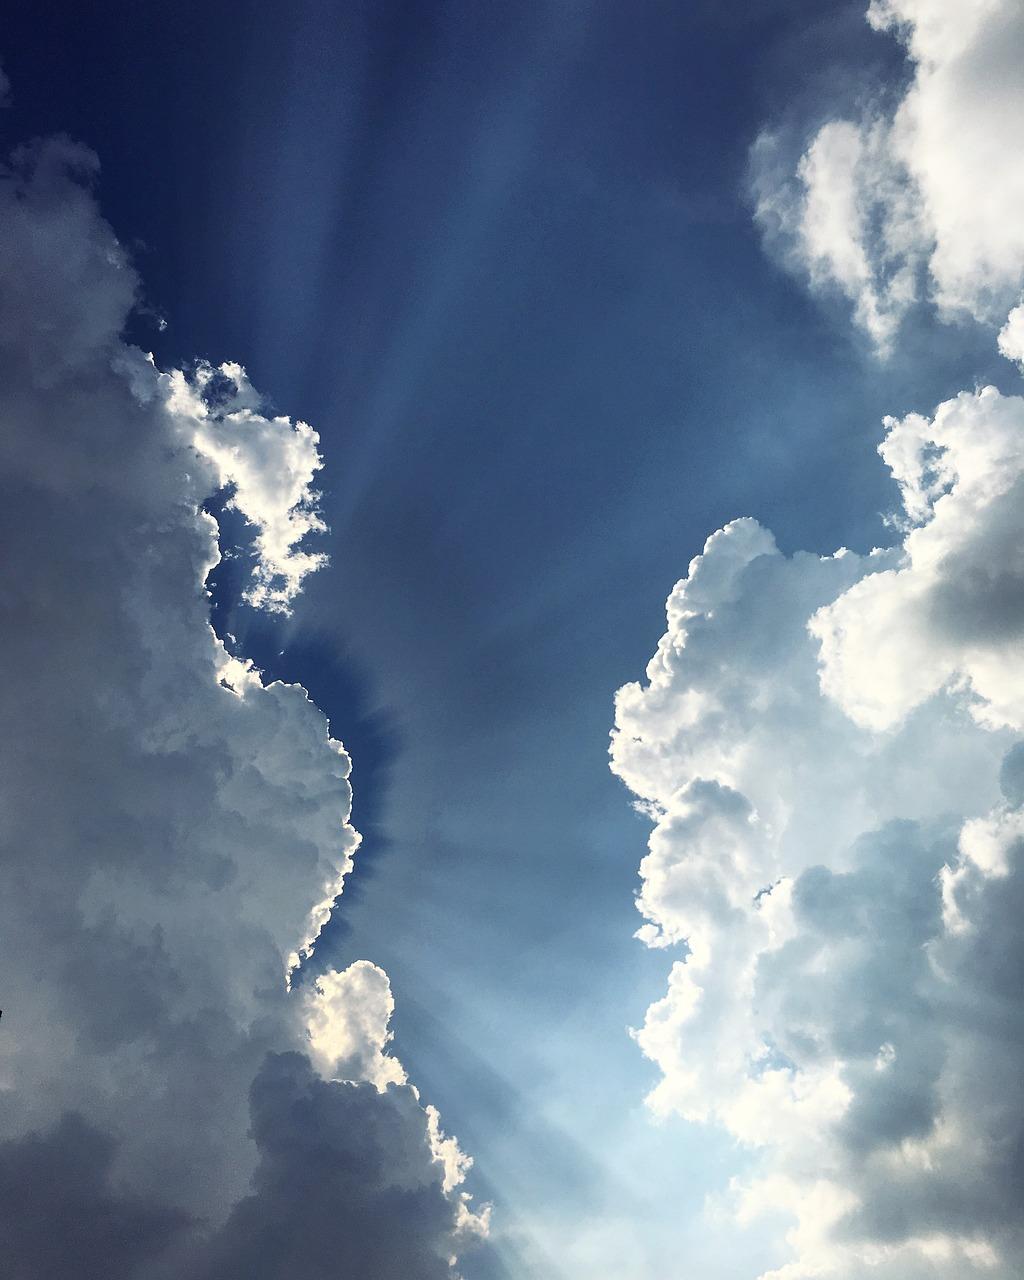 было самая лучшая картинка небеса нет